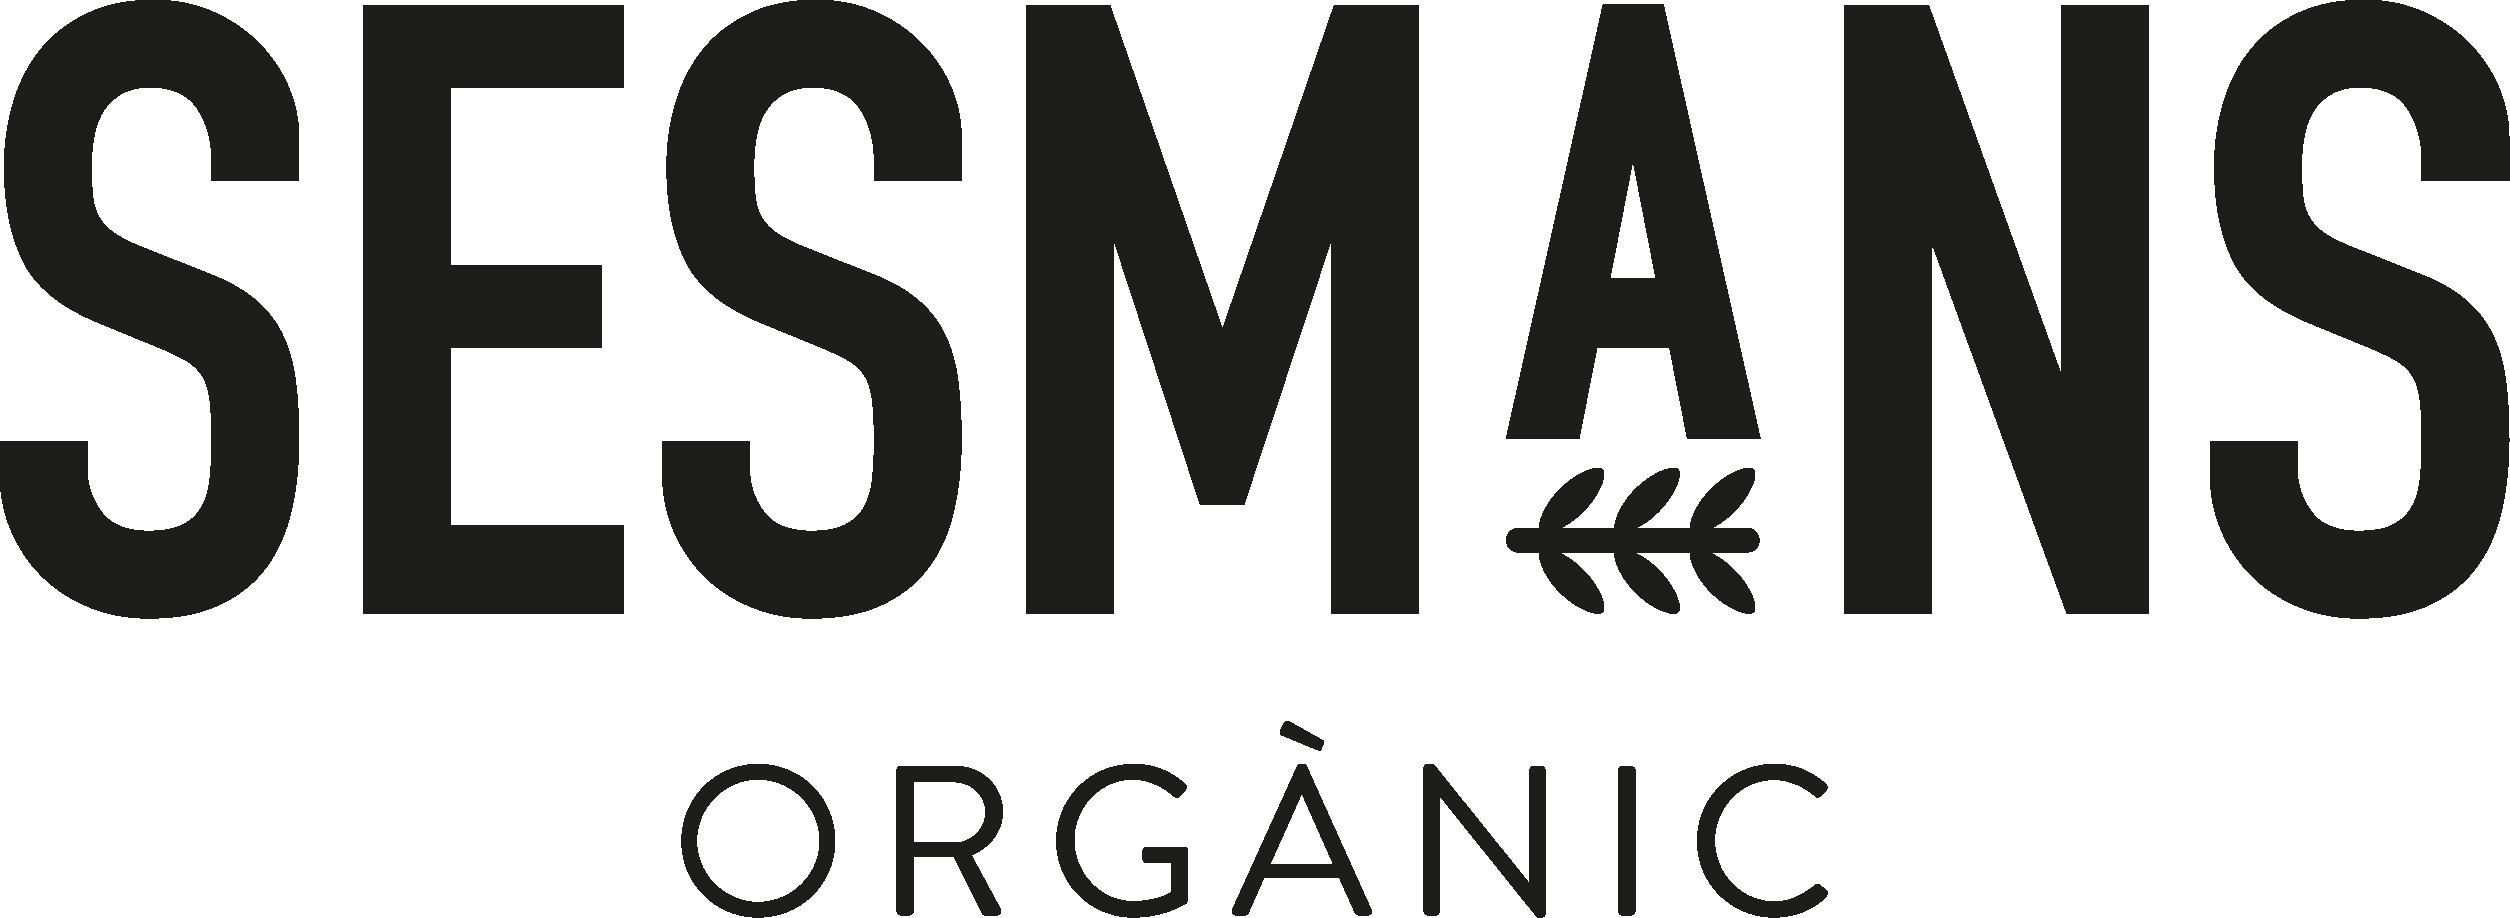 Sesmans Organic